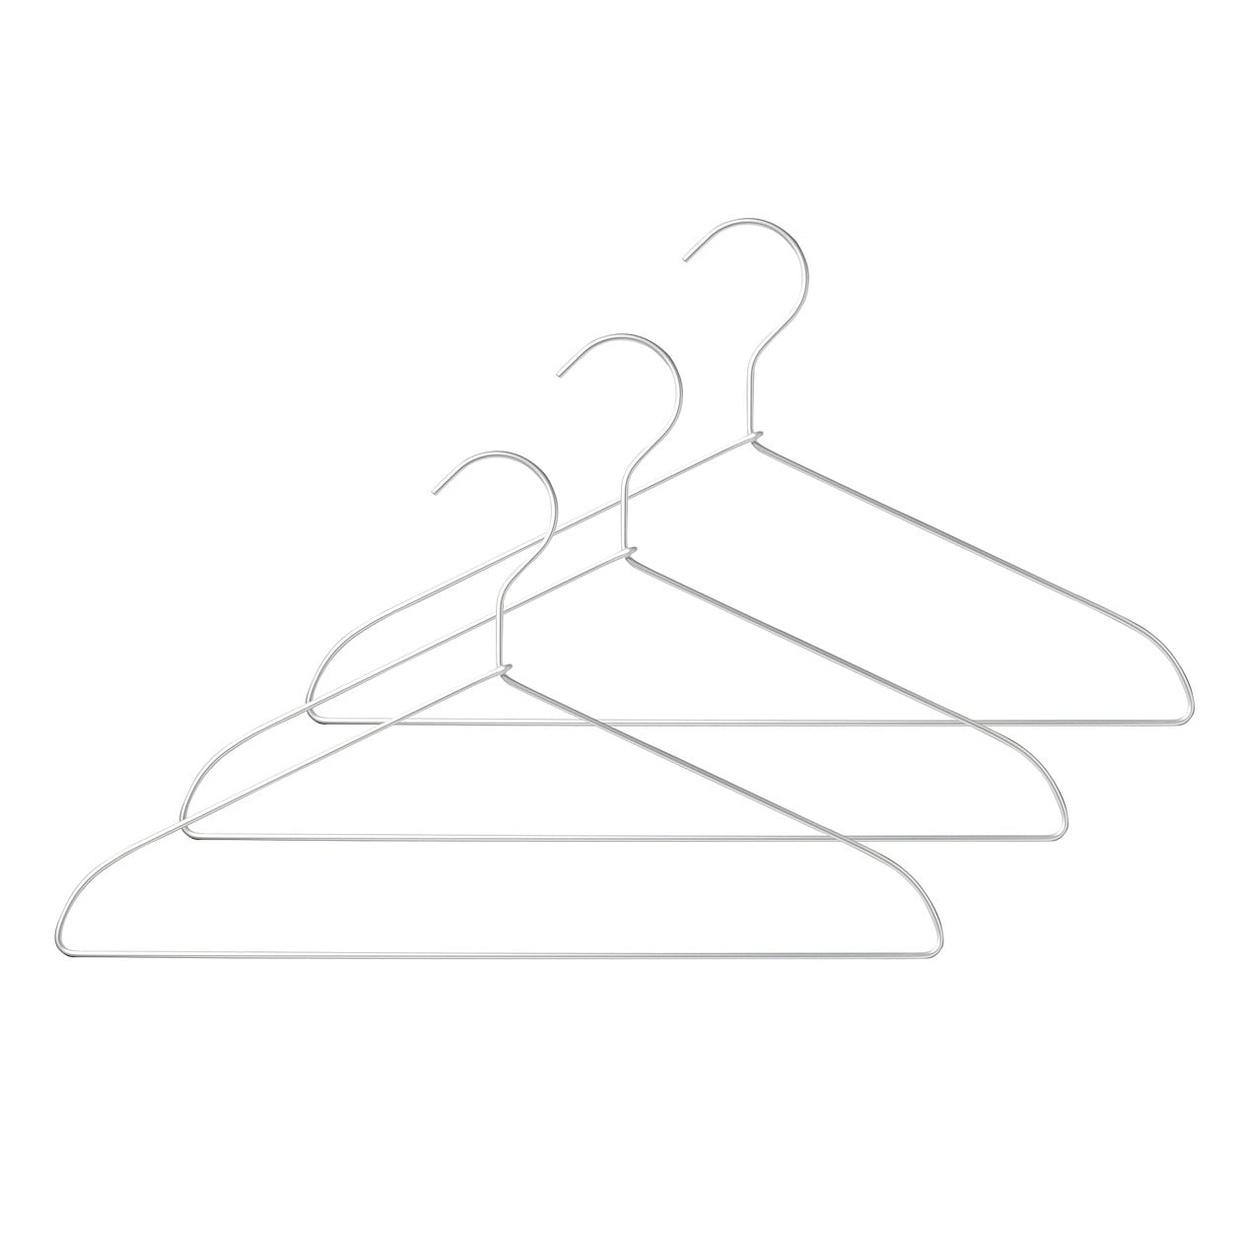 無印良品(MUJI) アルミ洗濯用ハンガー